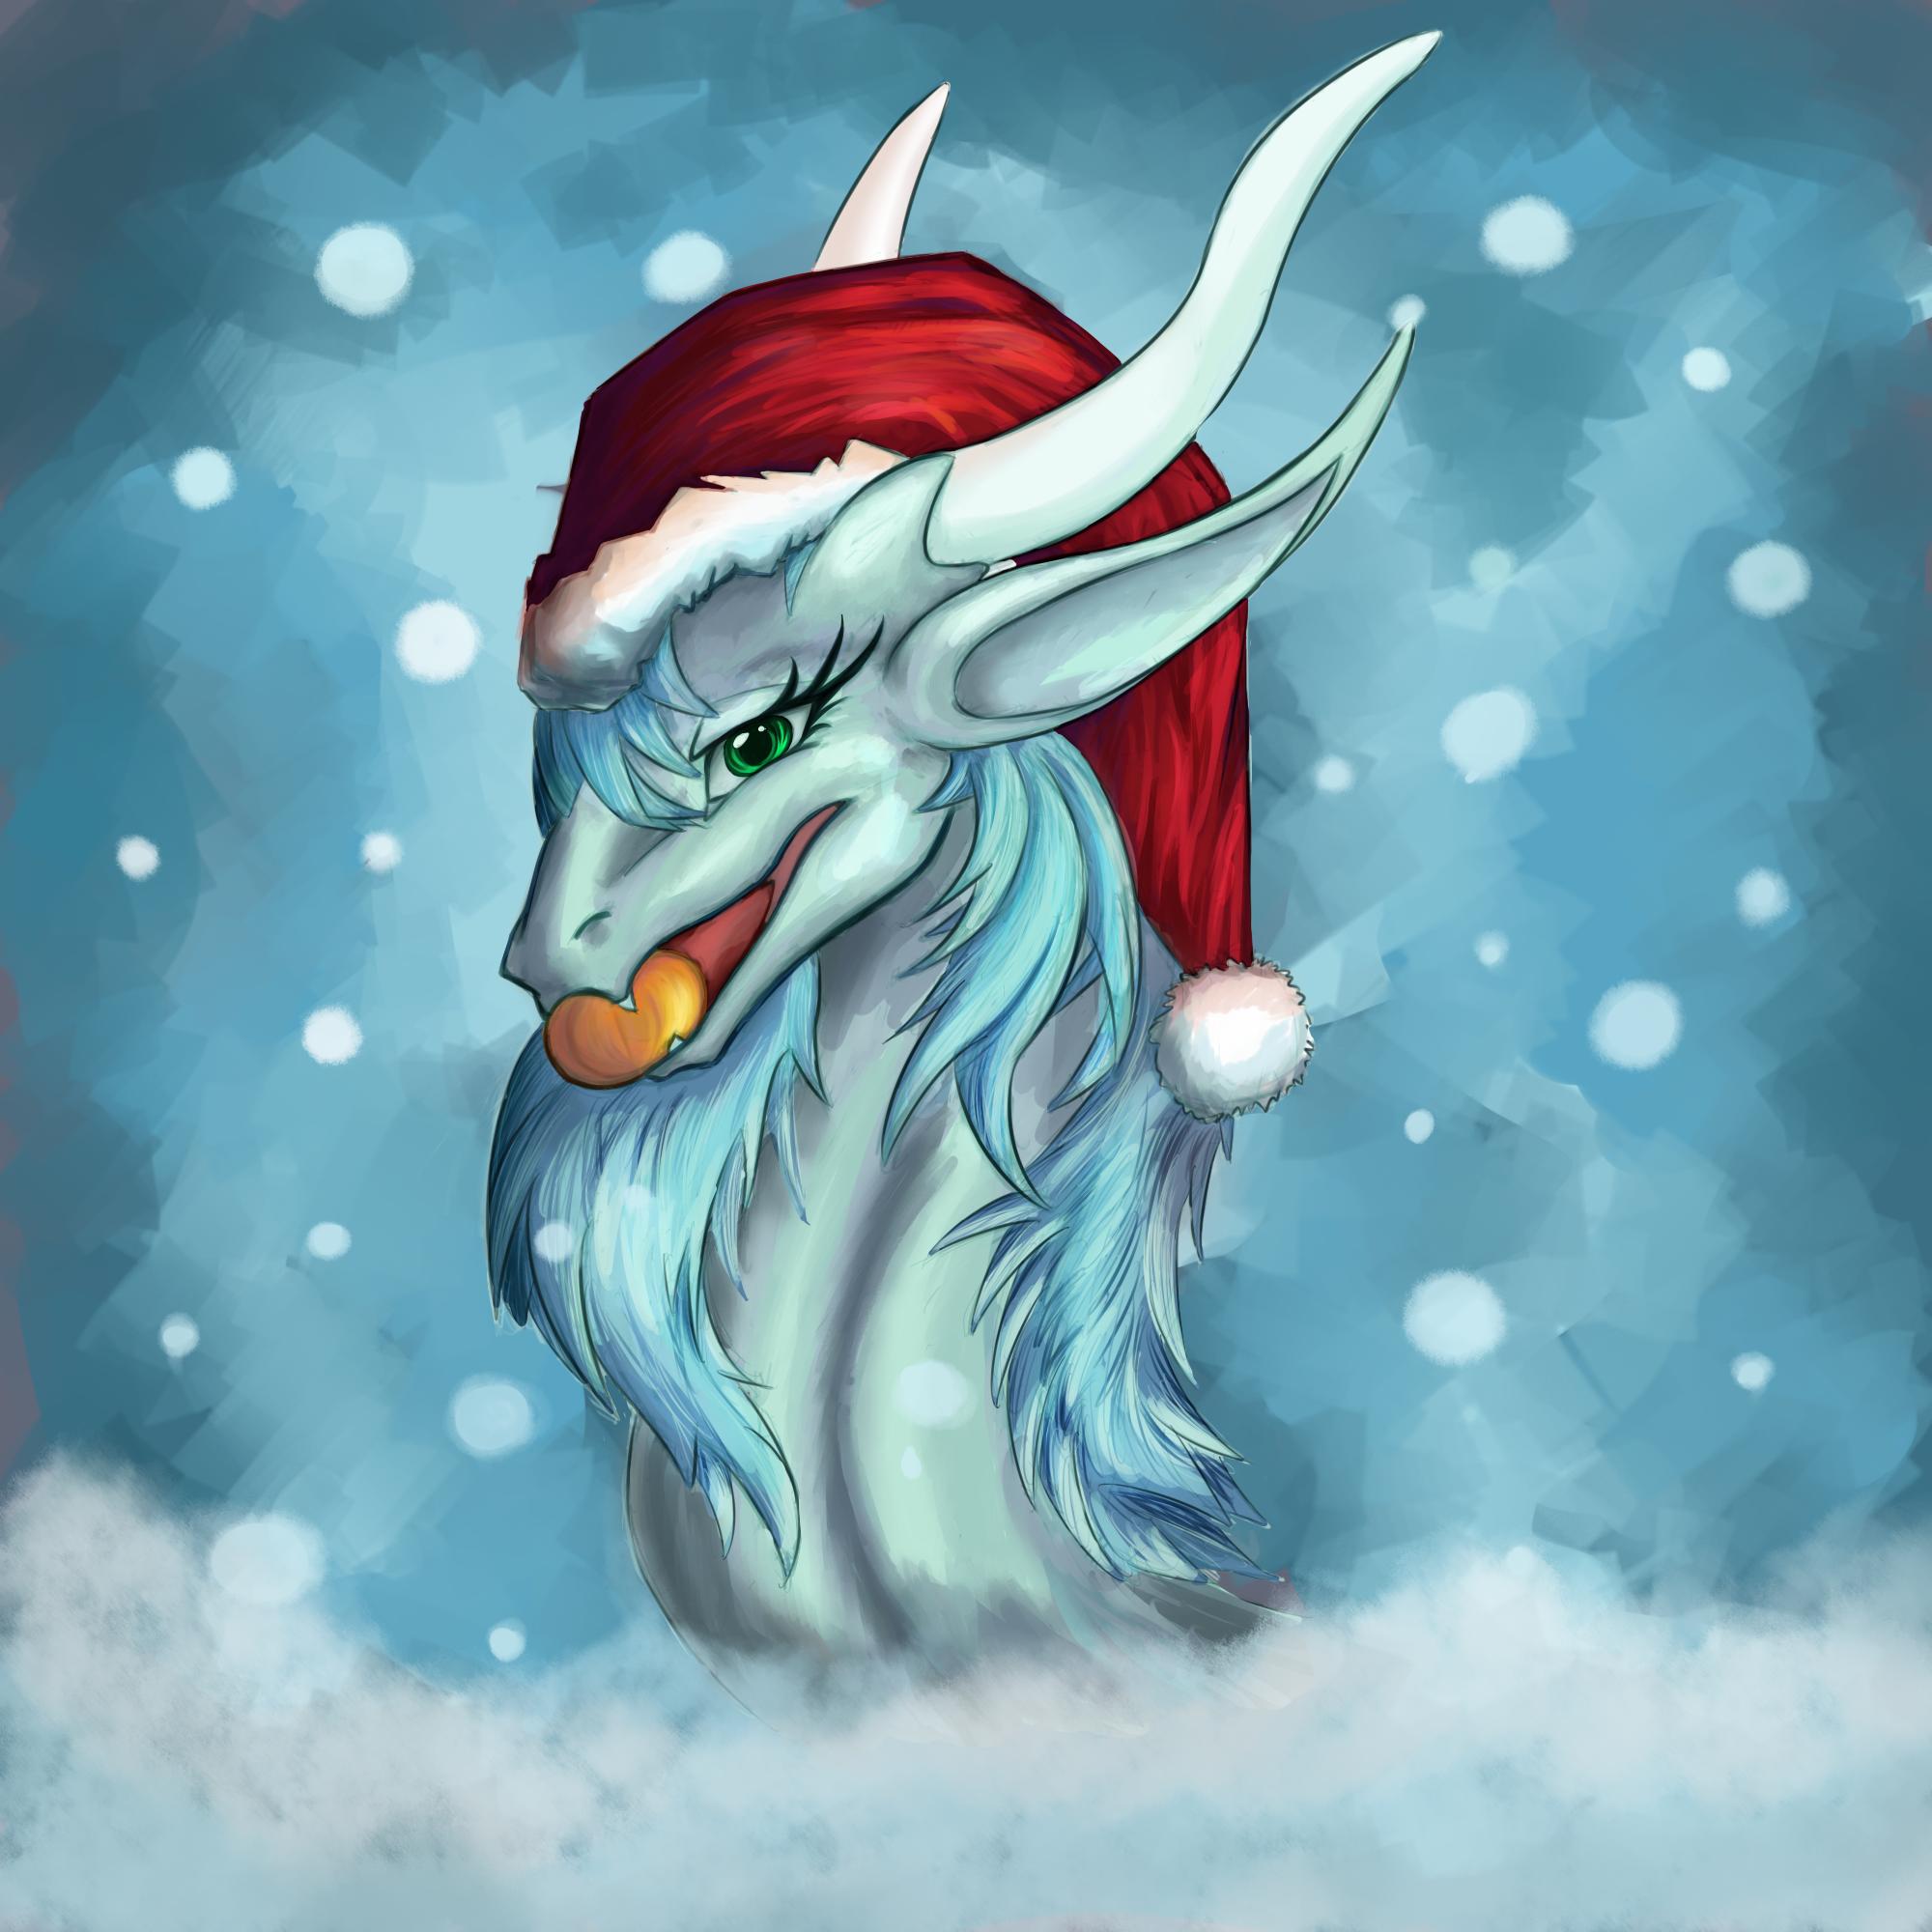 Christmas Dragon.Christmas Dragon By Oksara On Deviantart